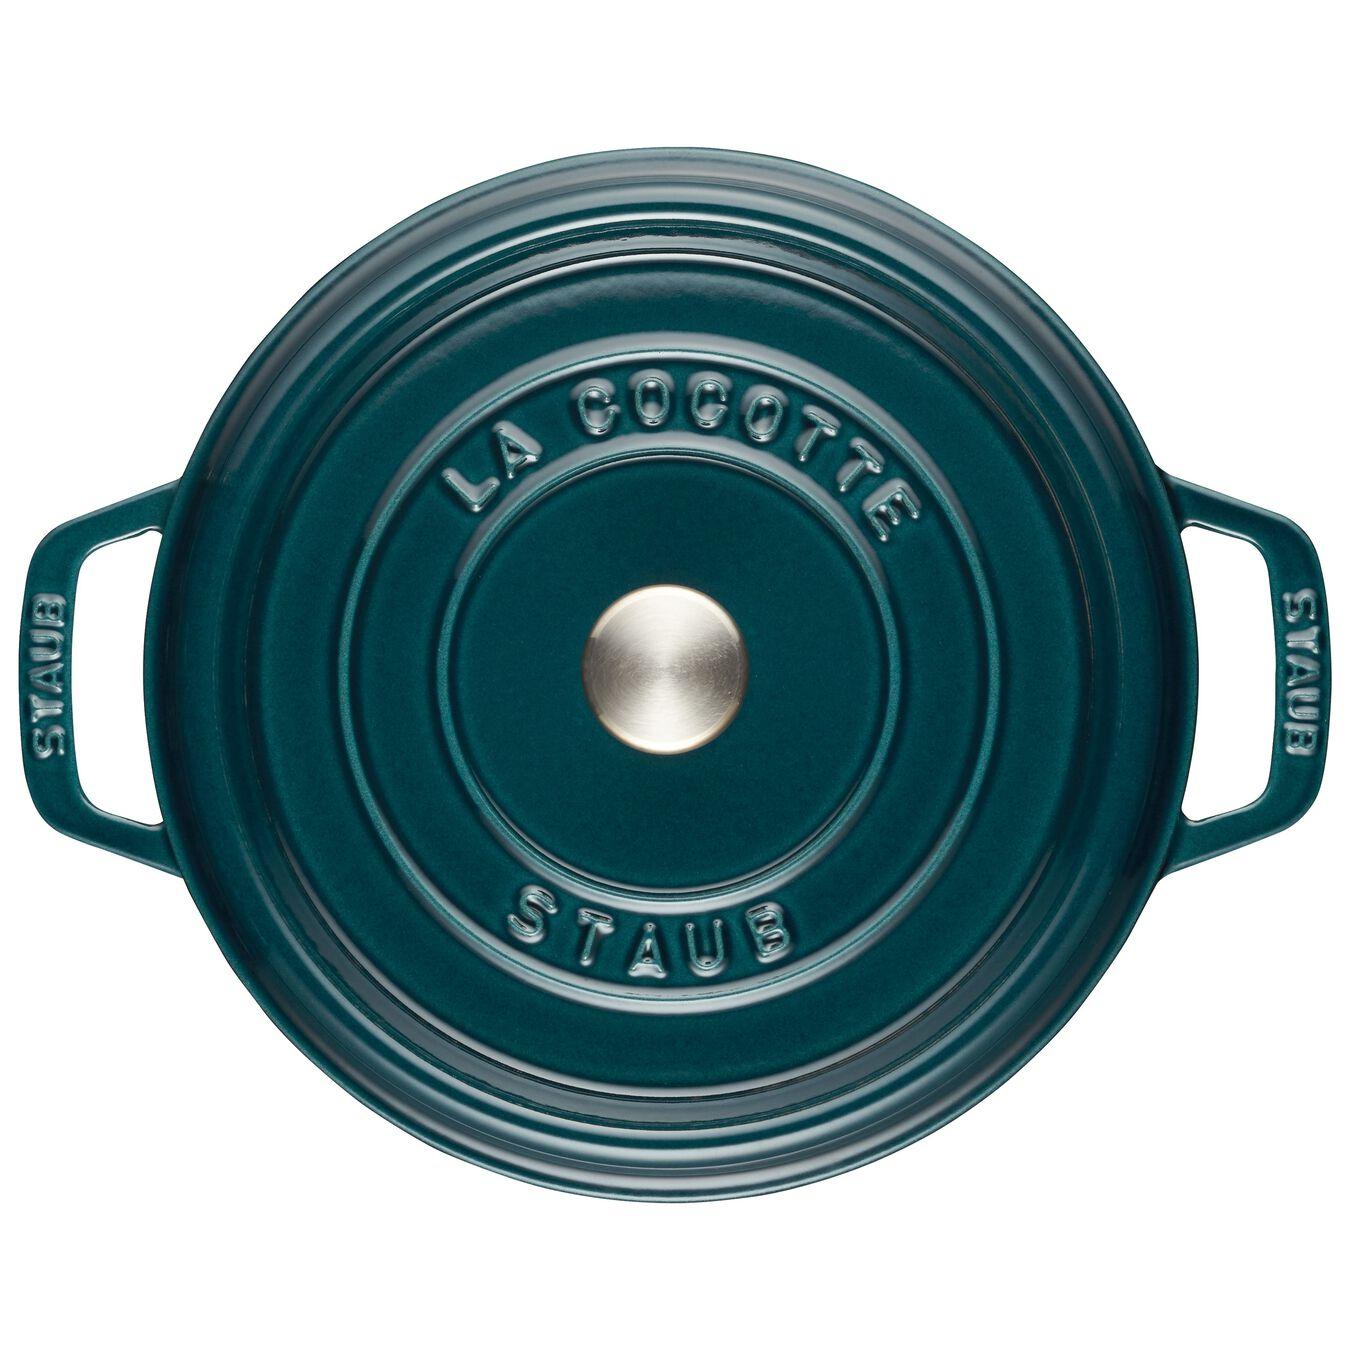 Cocotte 24 cm, Rond(e), La-Mer, Fonte,,large 4